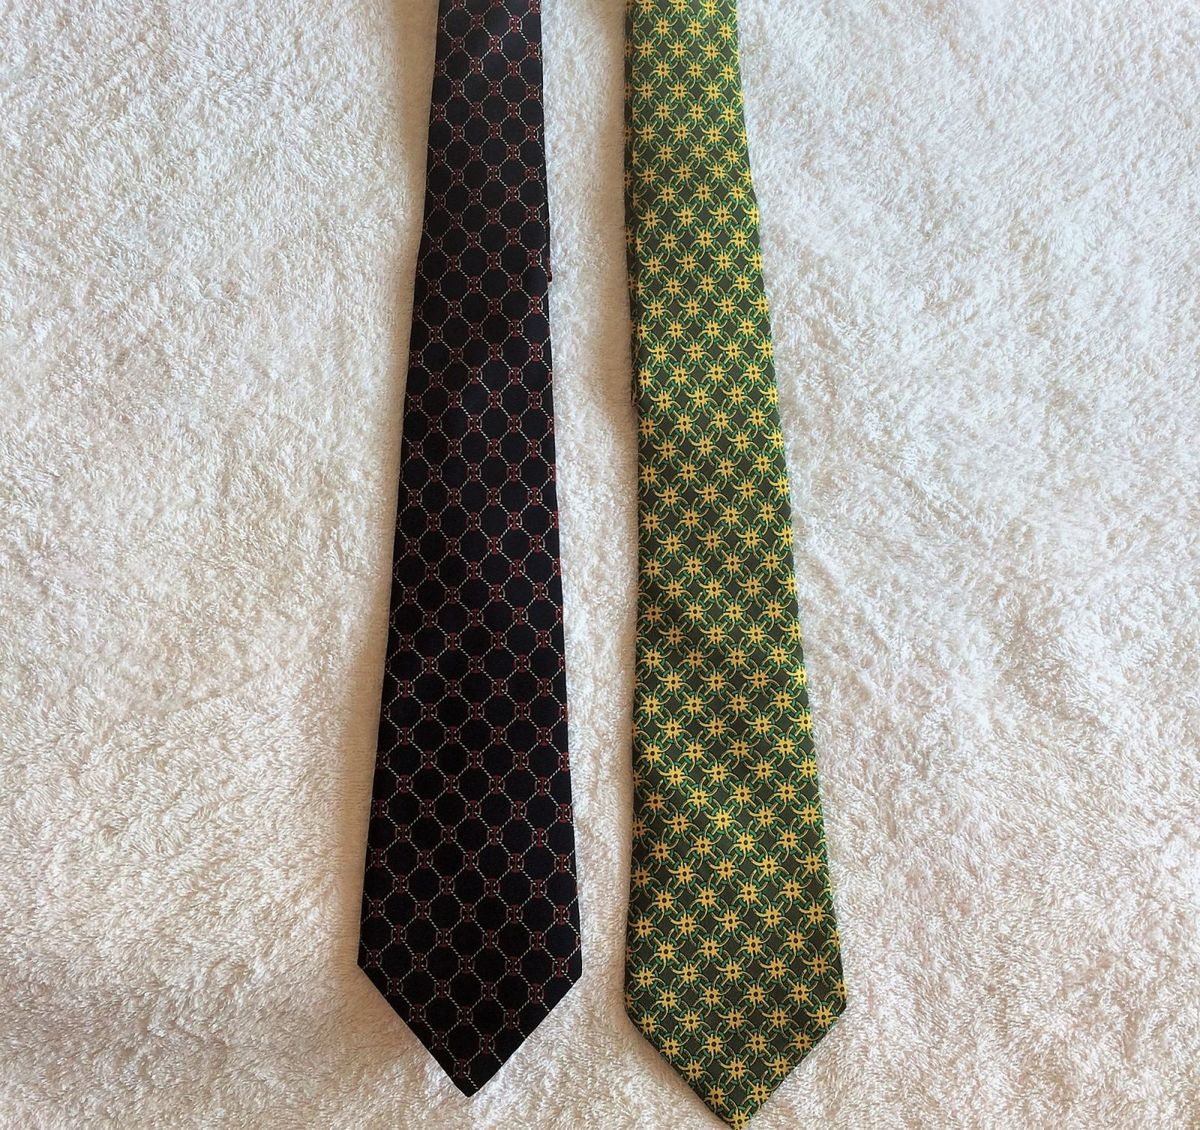 3492a1ccbd5b4 kit com gravata hermes e gucci originais usada - outros gucci-hermes